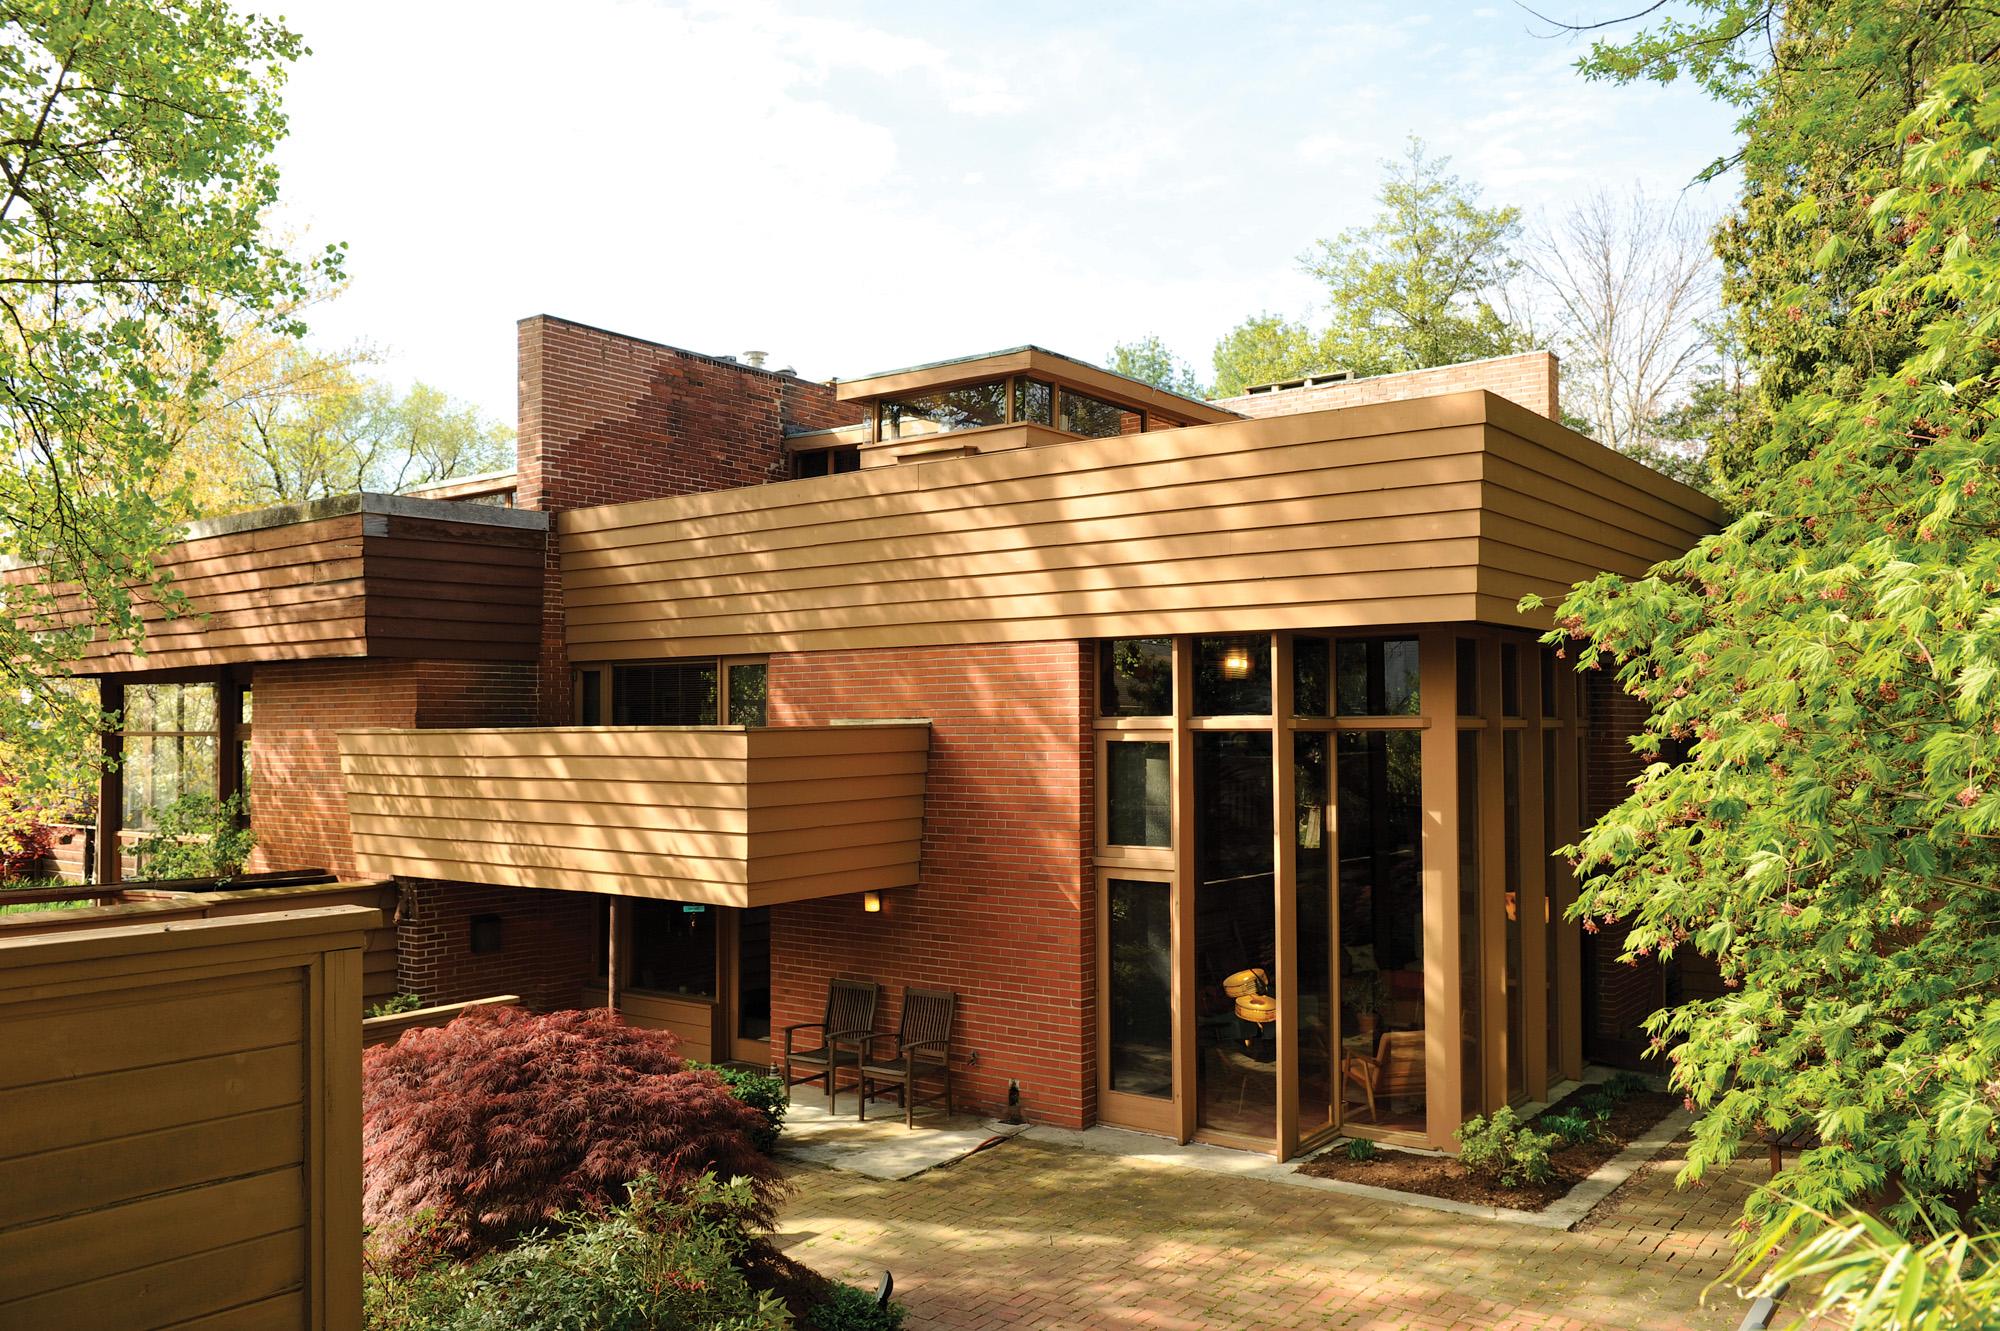 1939 Frank Lloyd Wright design